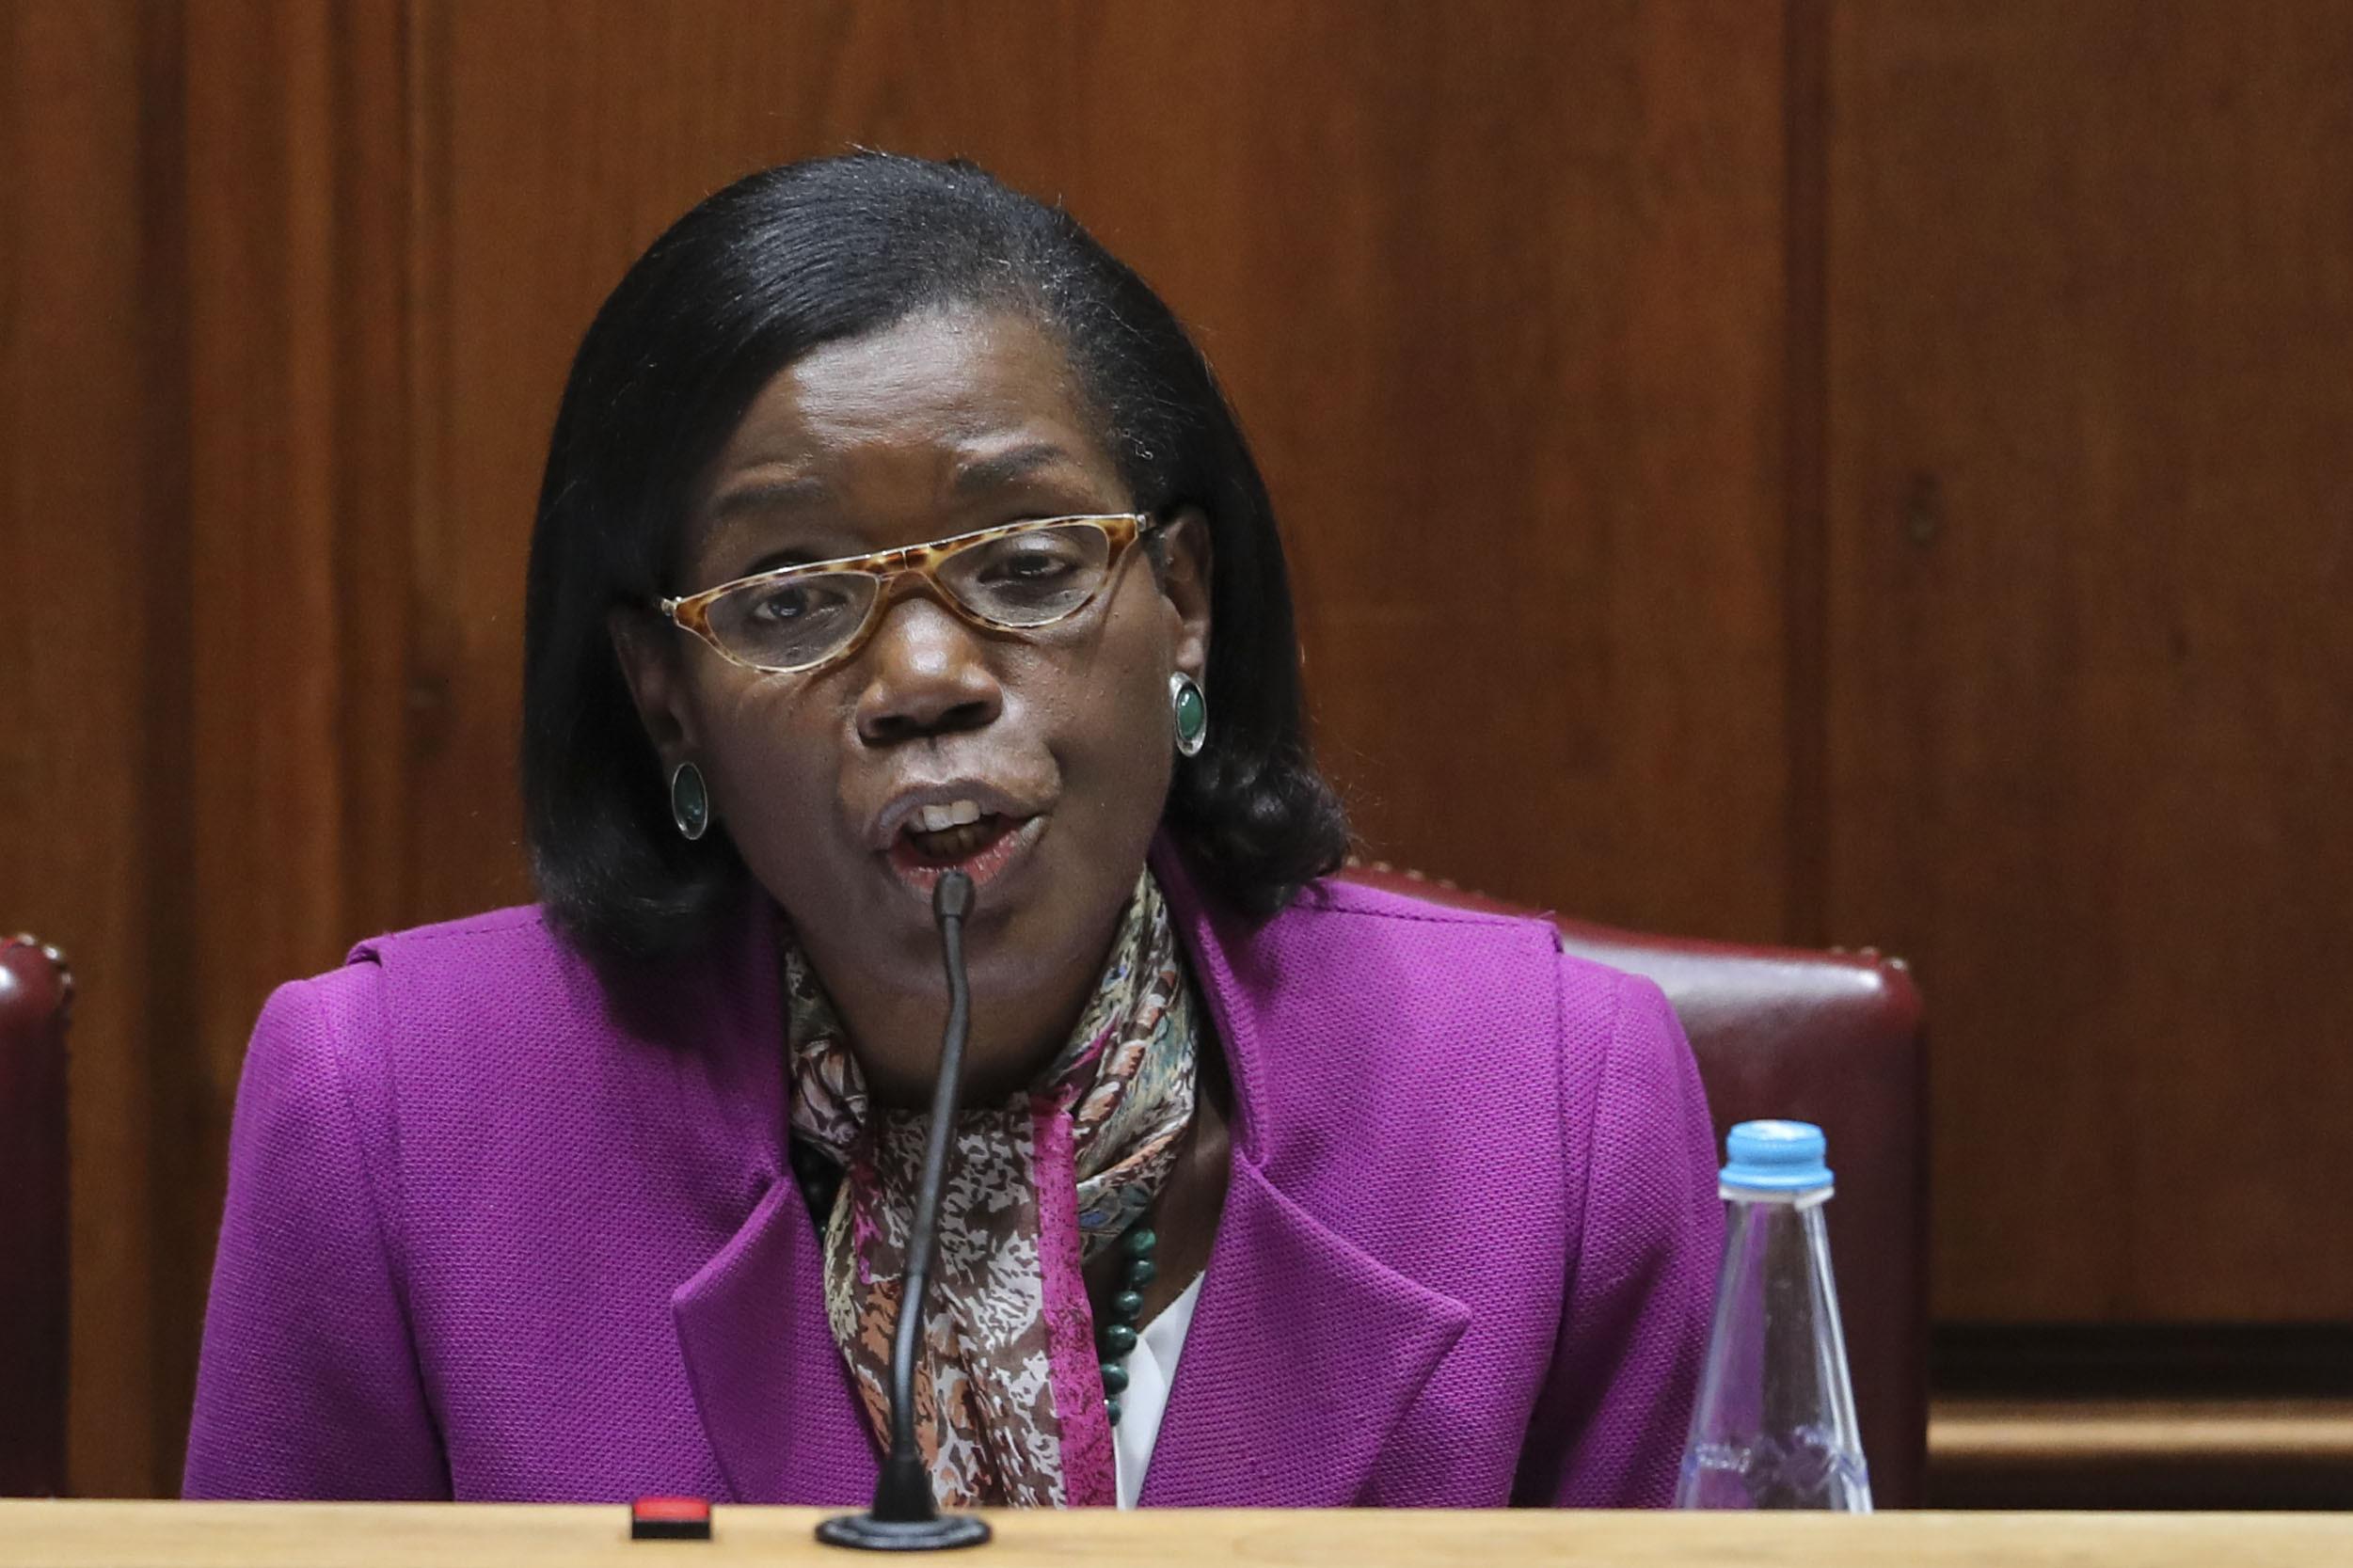 Ministra da Justiça vai ao Parlamento explicar situação das prisões